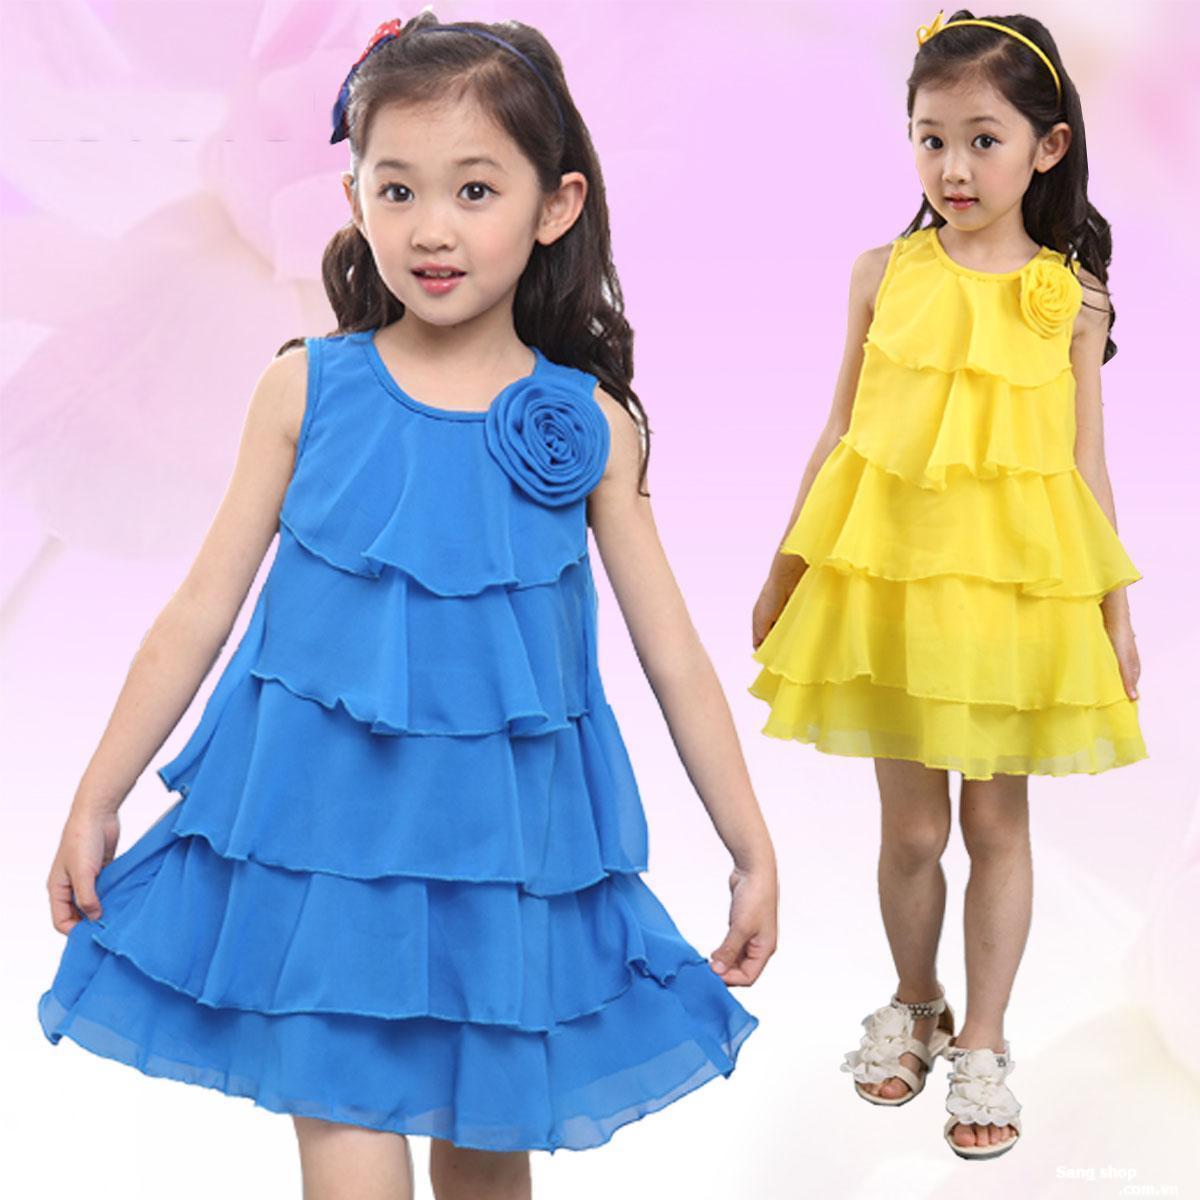 Sang gấp quần áo trẻ em tại quận 5 DƯỚI GIÁ VỐN